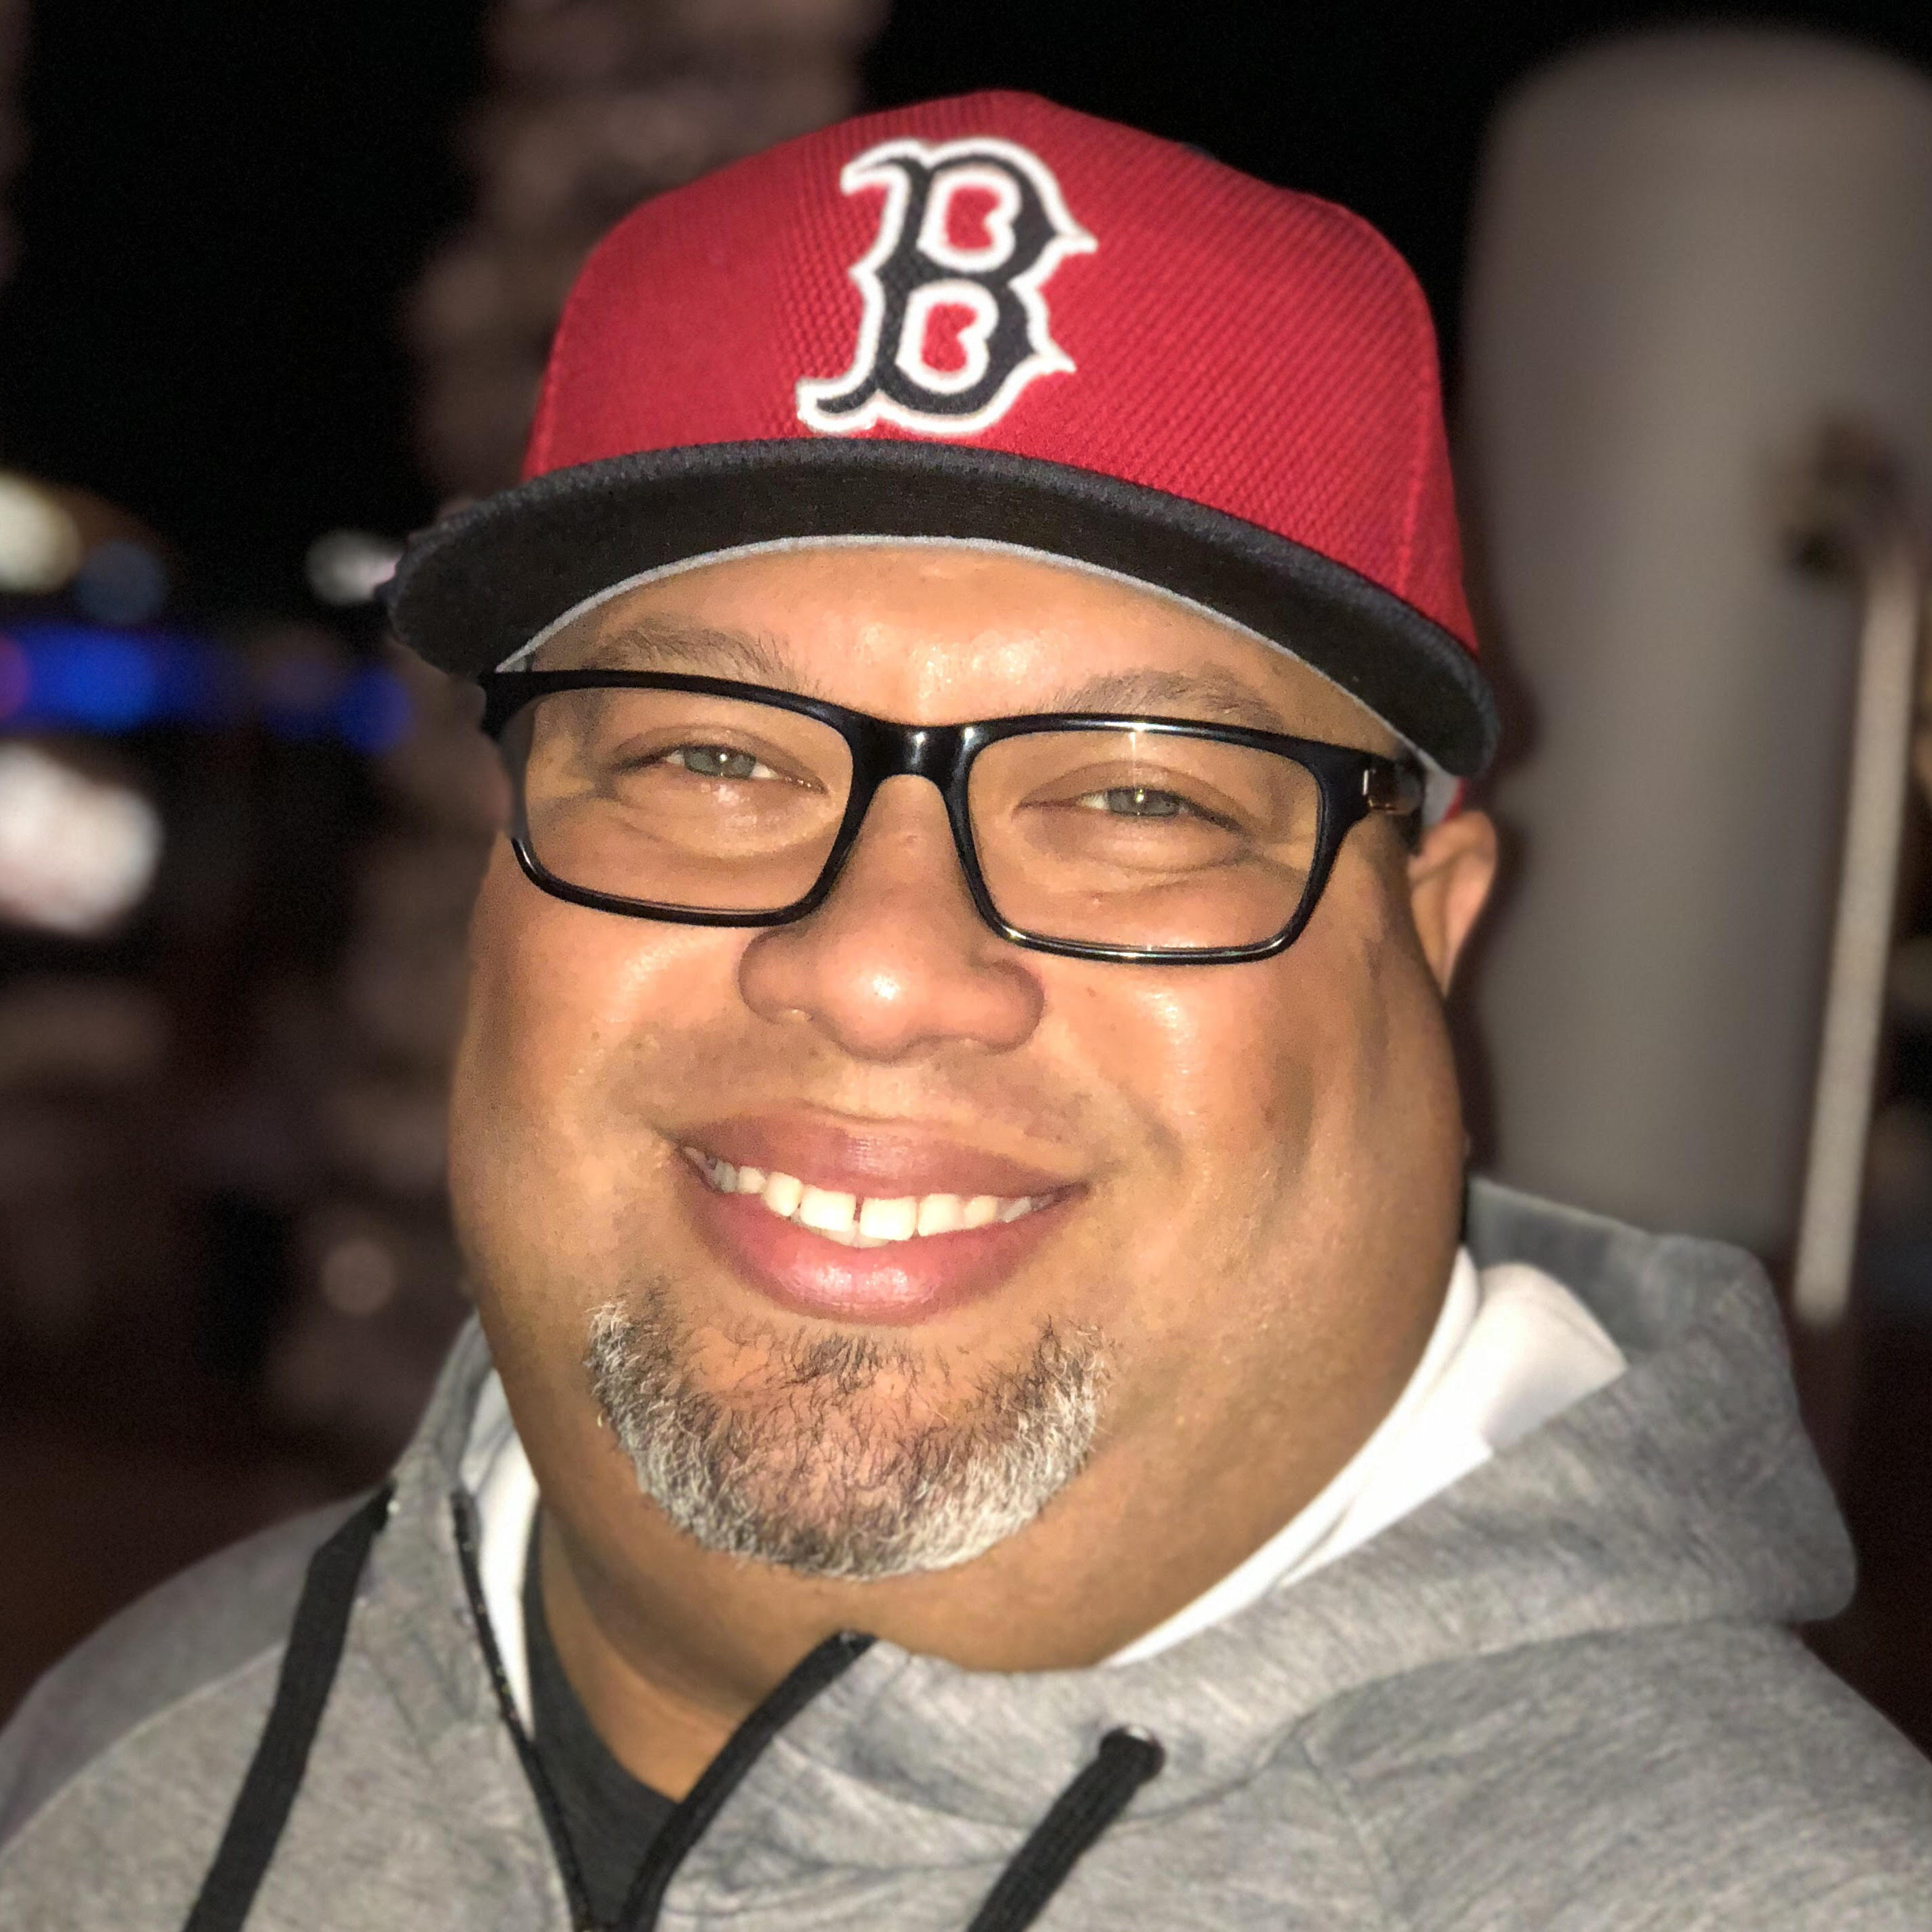 Sammy Ortiz